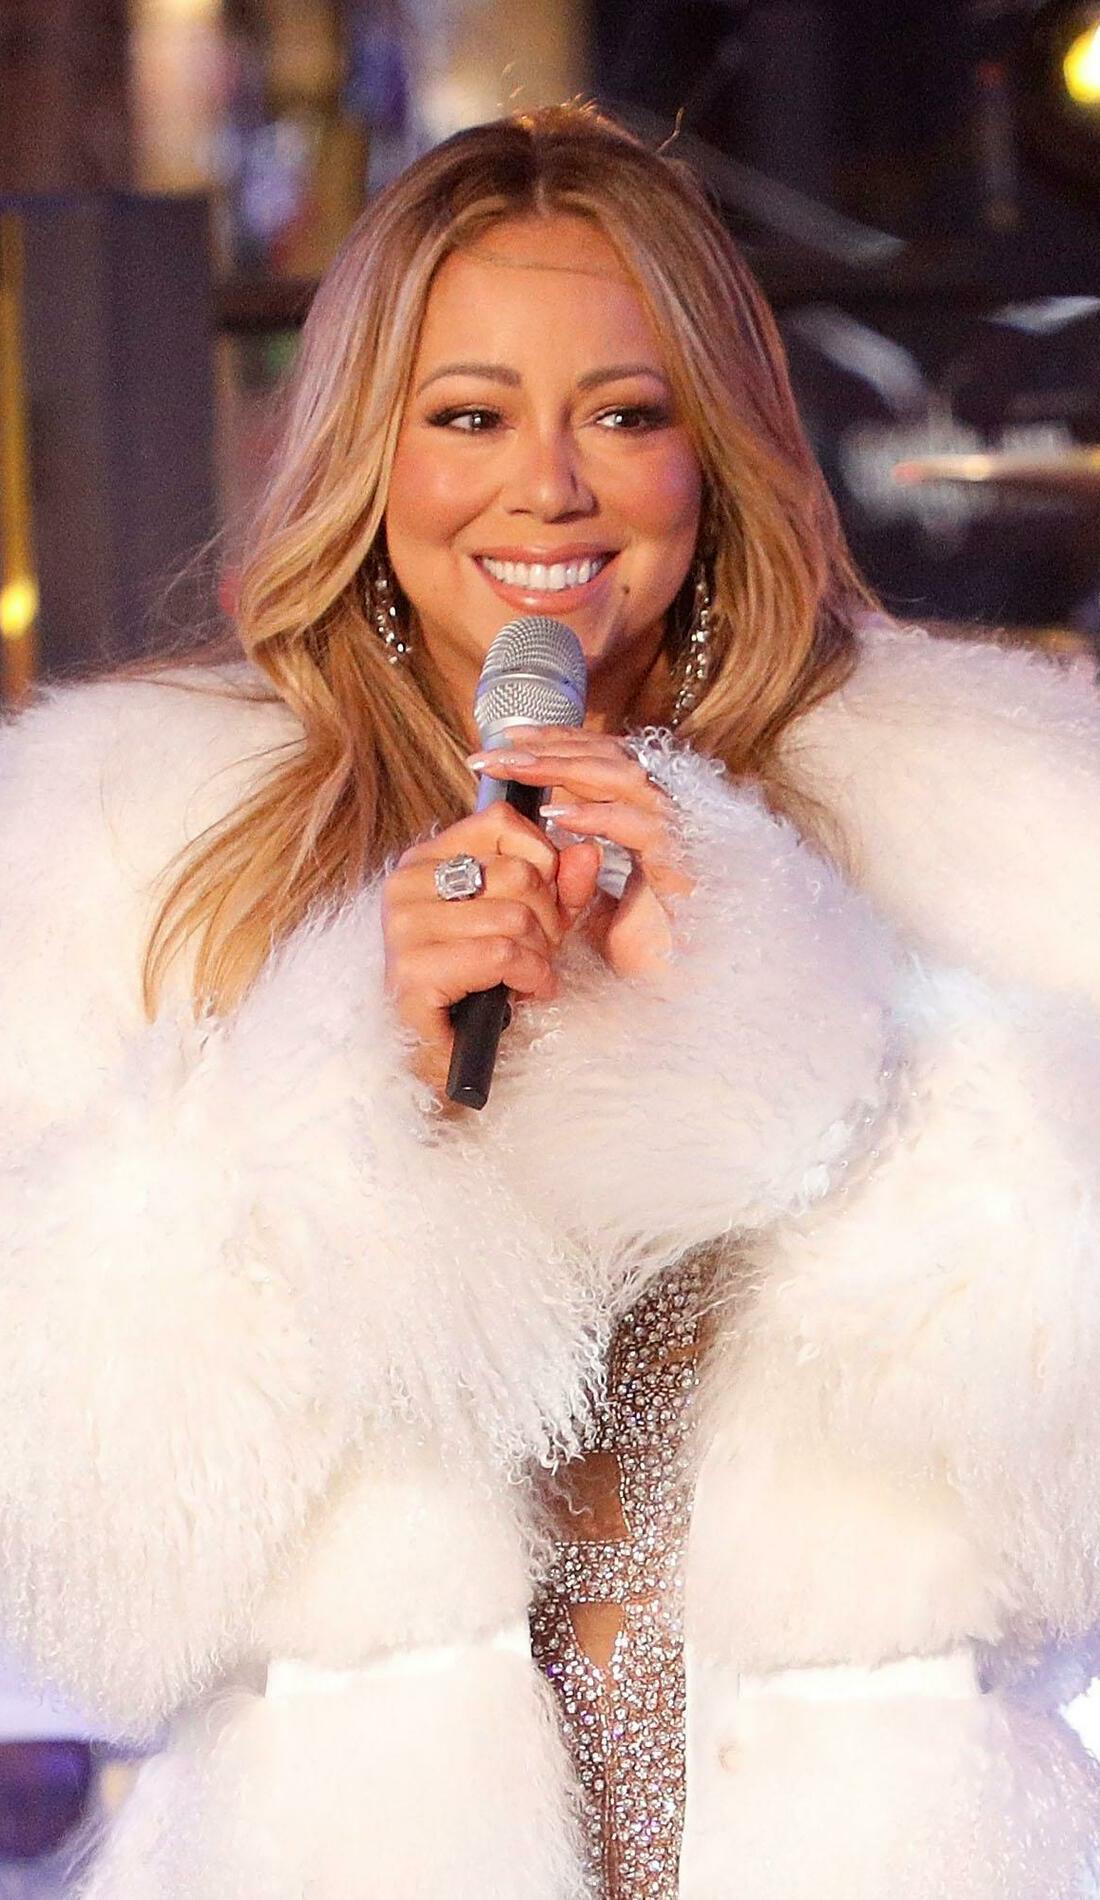 A Mariah Carey live event